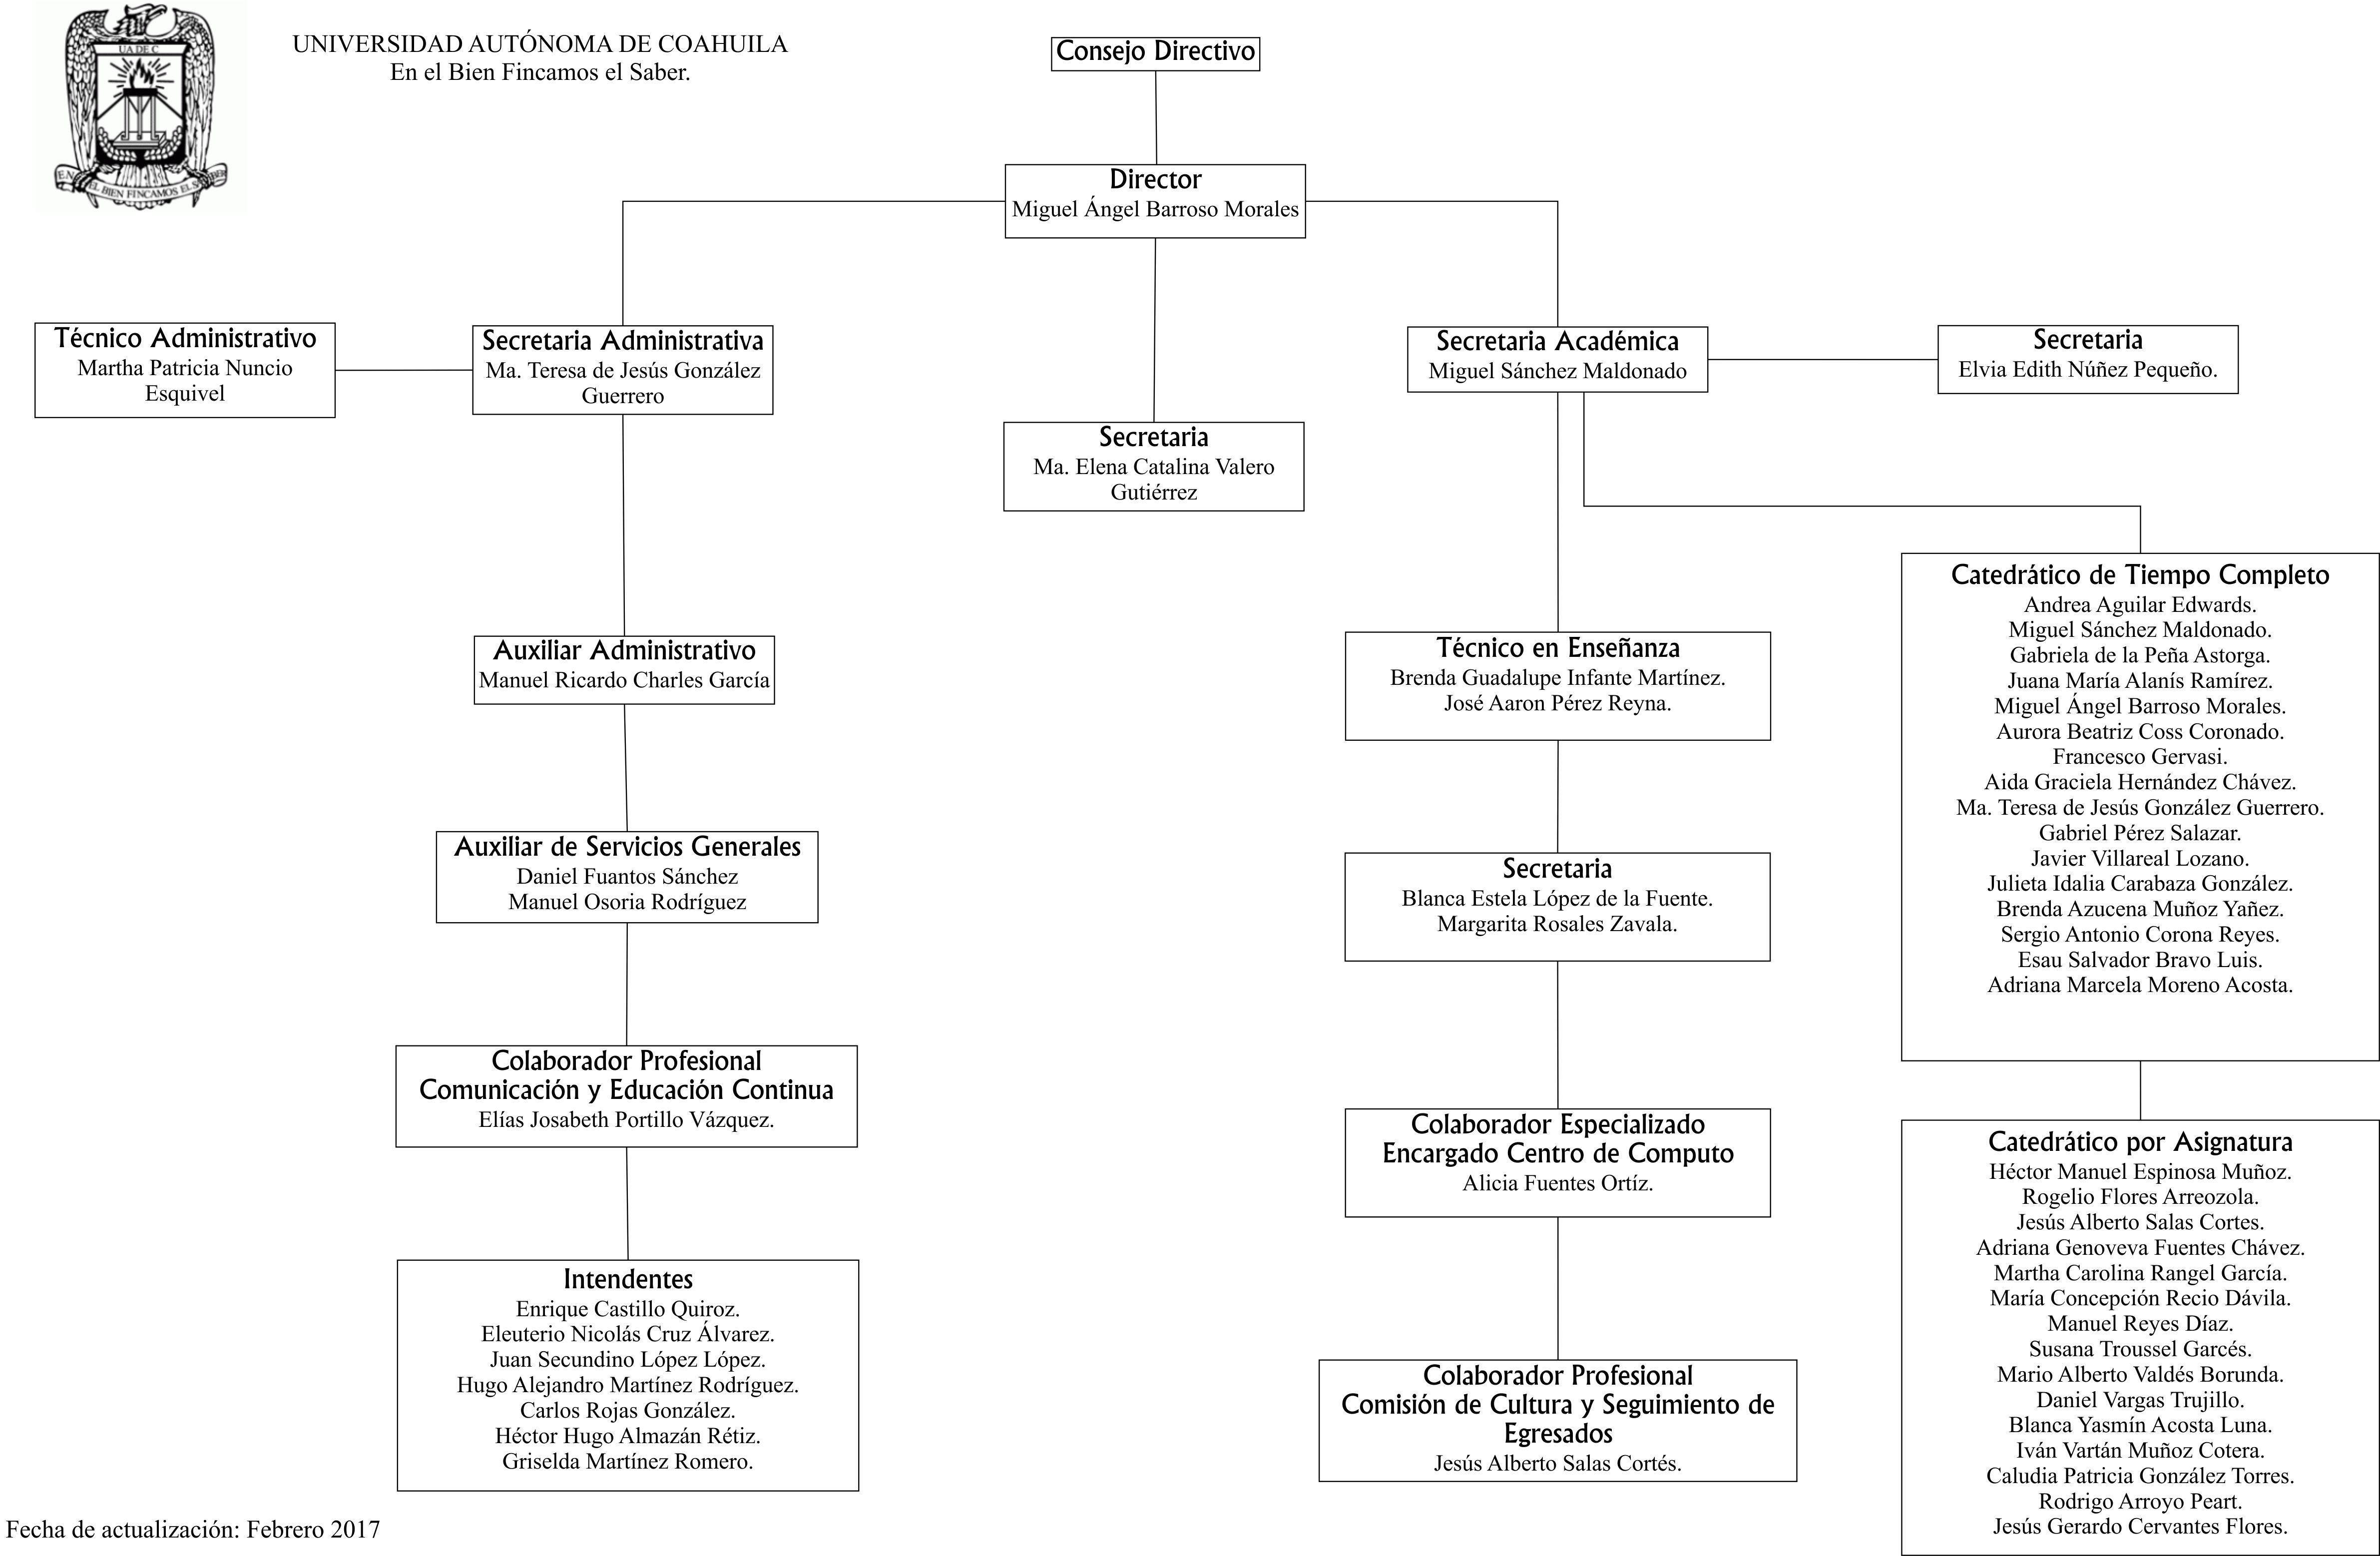 Archivo:Estructura Organizacional.jpg - Wikipedia, la enciclopedia libre